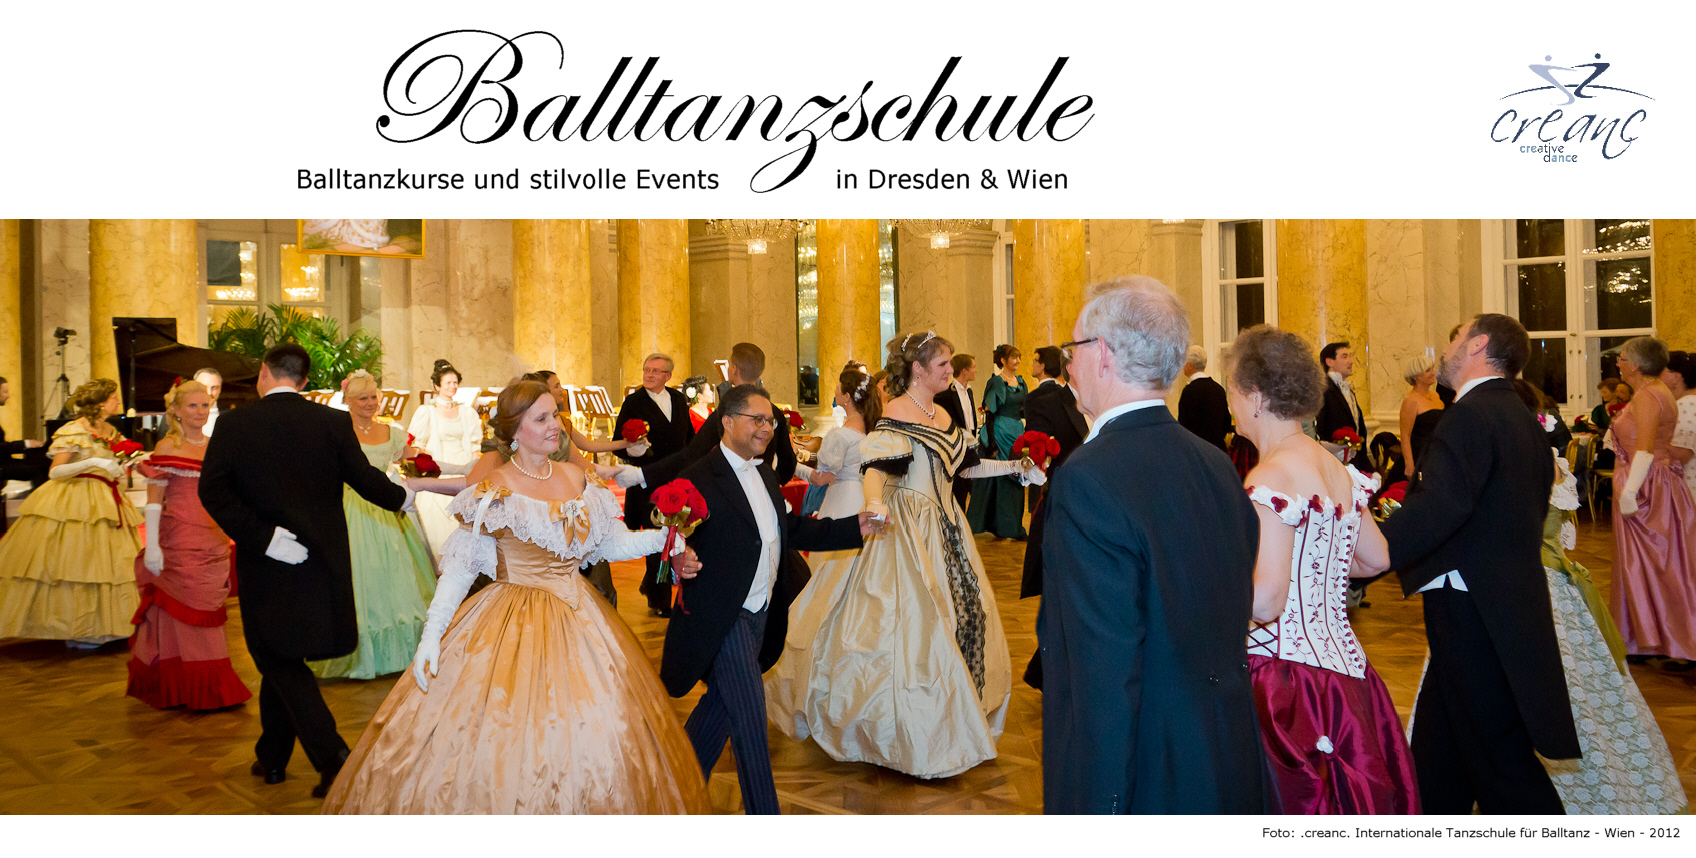 Balltanzschule Dresden